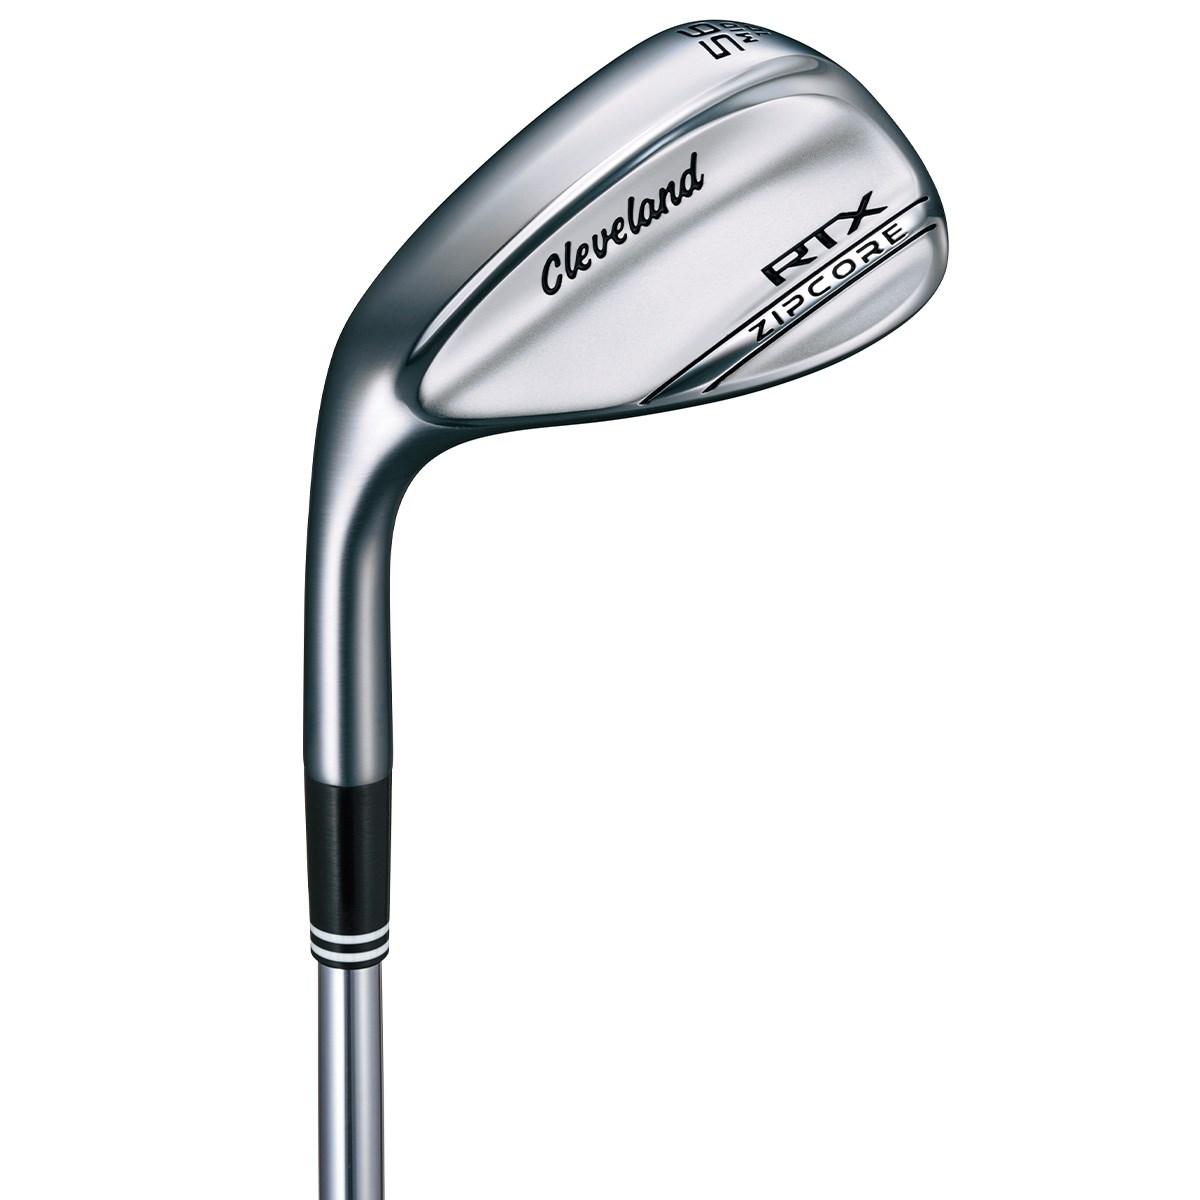 クリーブランド(Cleveland Golf) RTX ジップコア ウェッジ ツアーサテン仕上げ ダイナミックゴールドレフティ